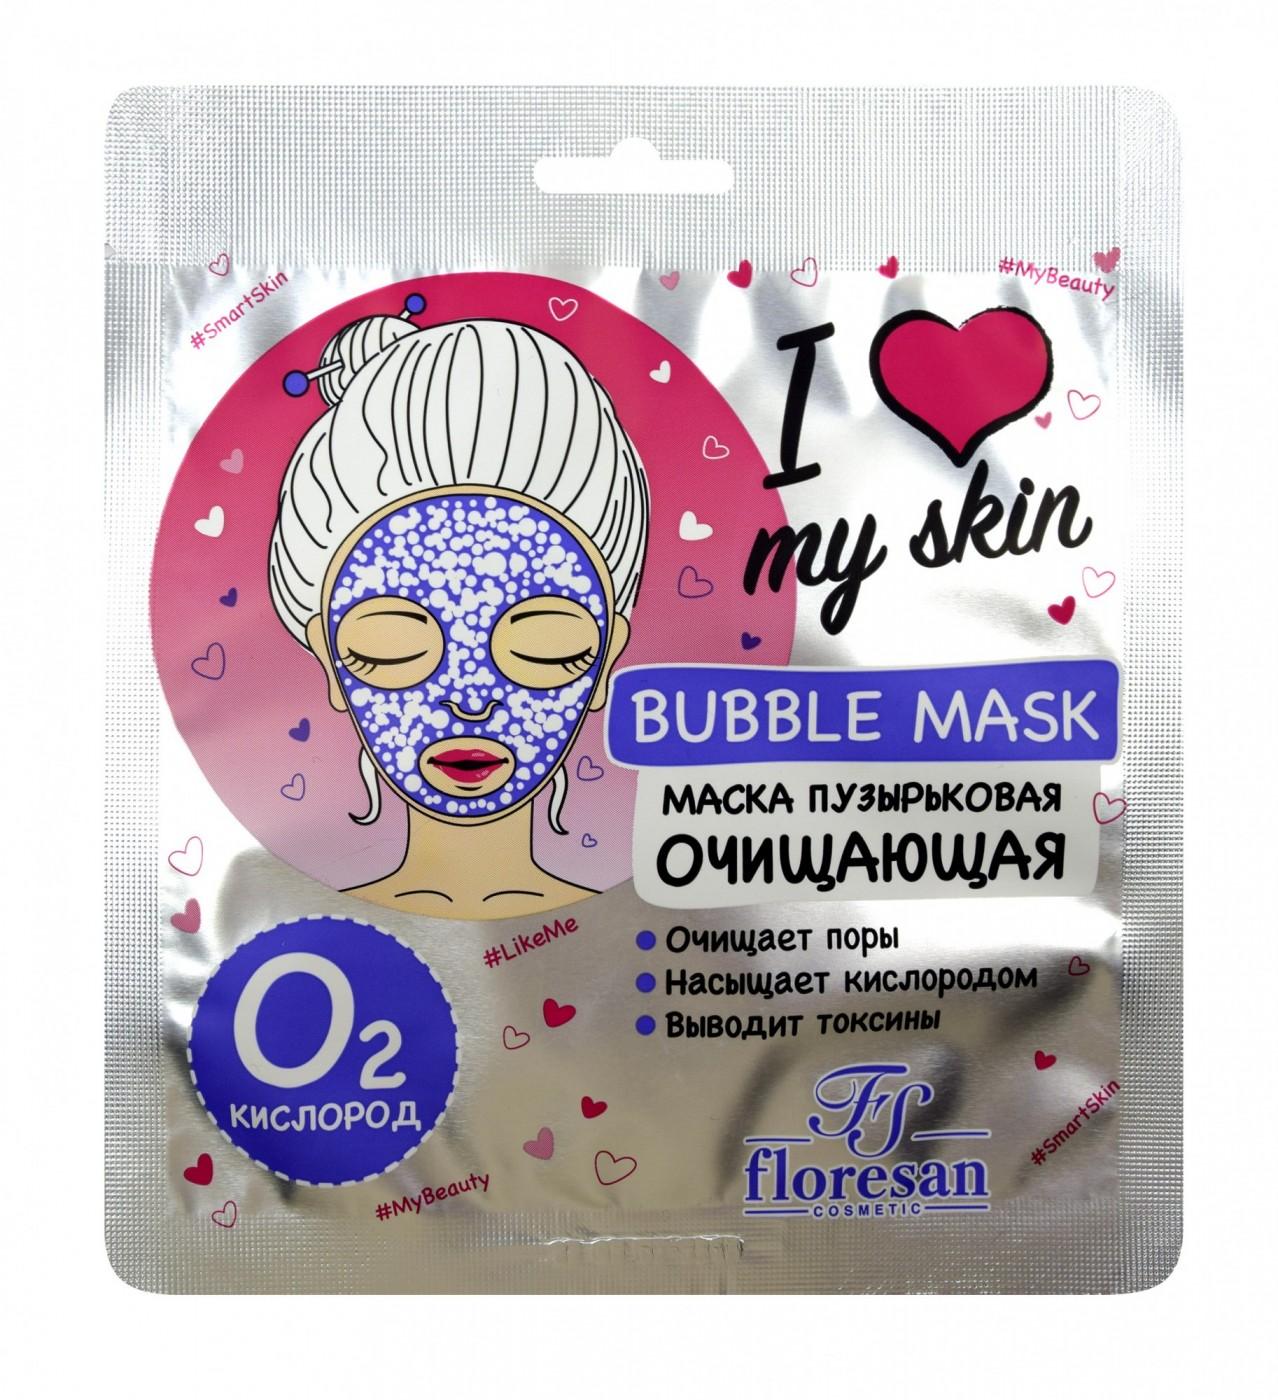 Пузырьковая маска  очищающая, ф-507, 36 гр